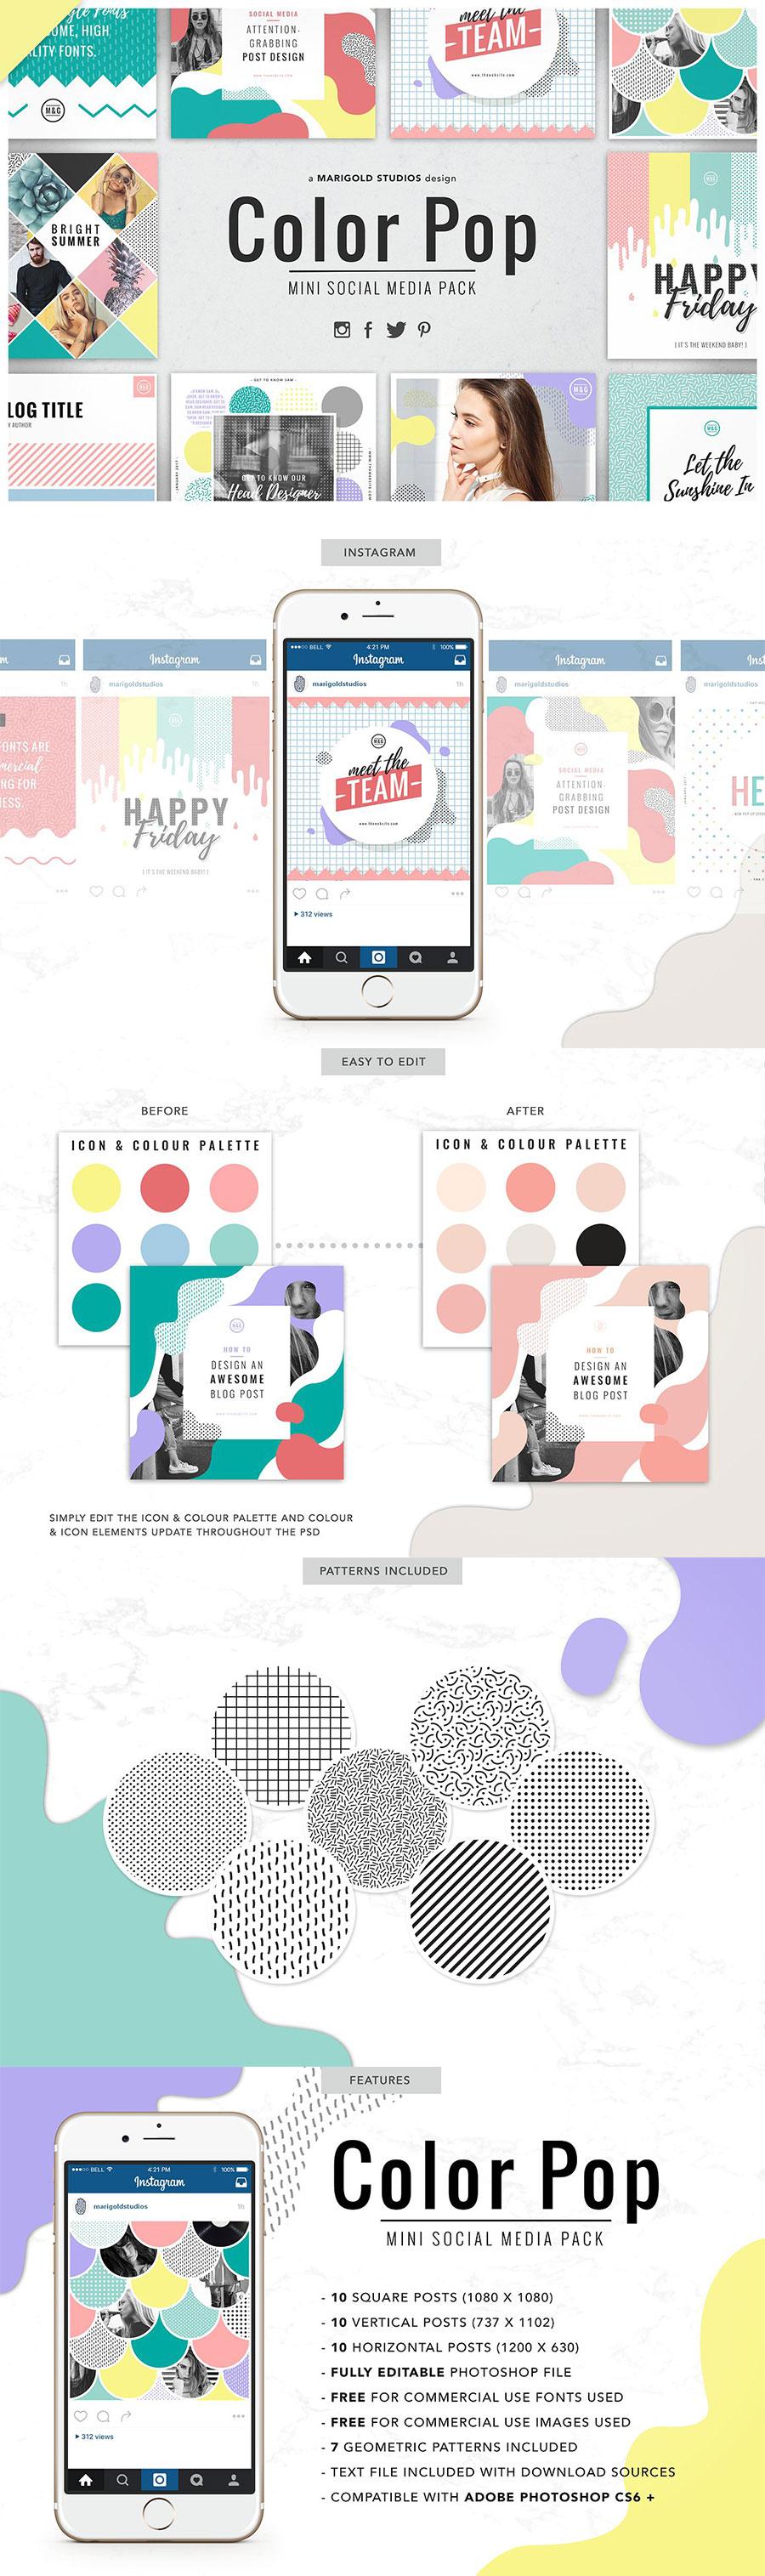 迷你多彩时尚的社交电商媒体广告banner模版PSD下载[PSD]设计素材模板